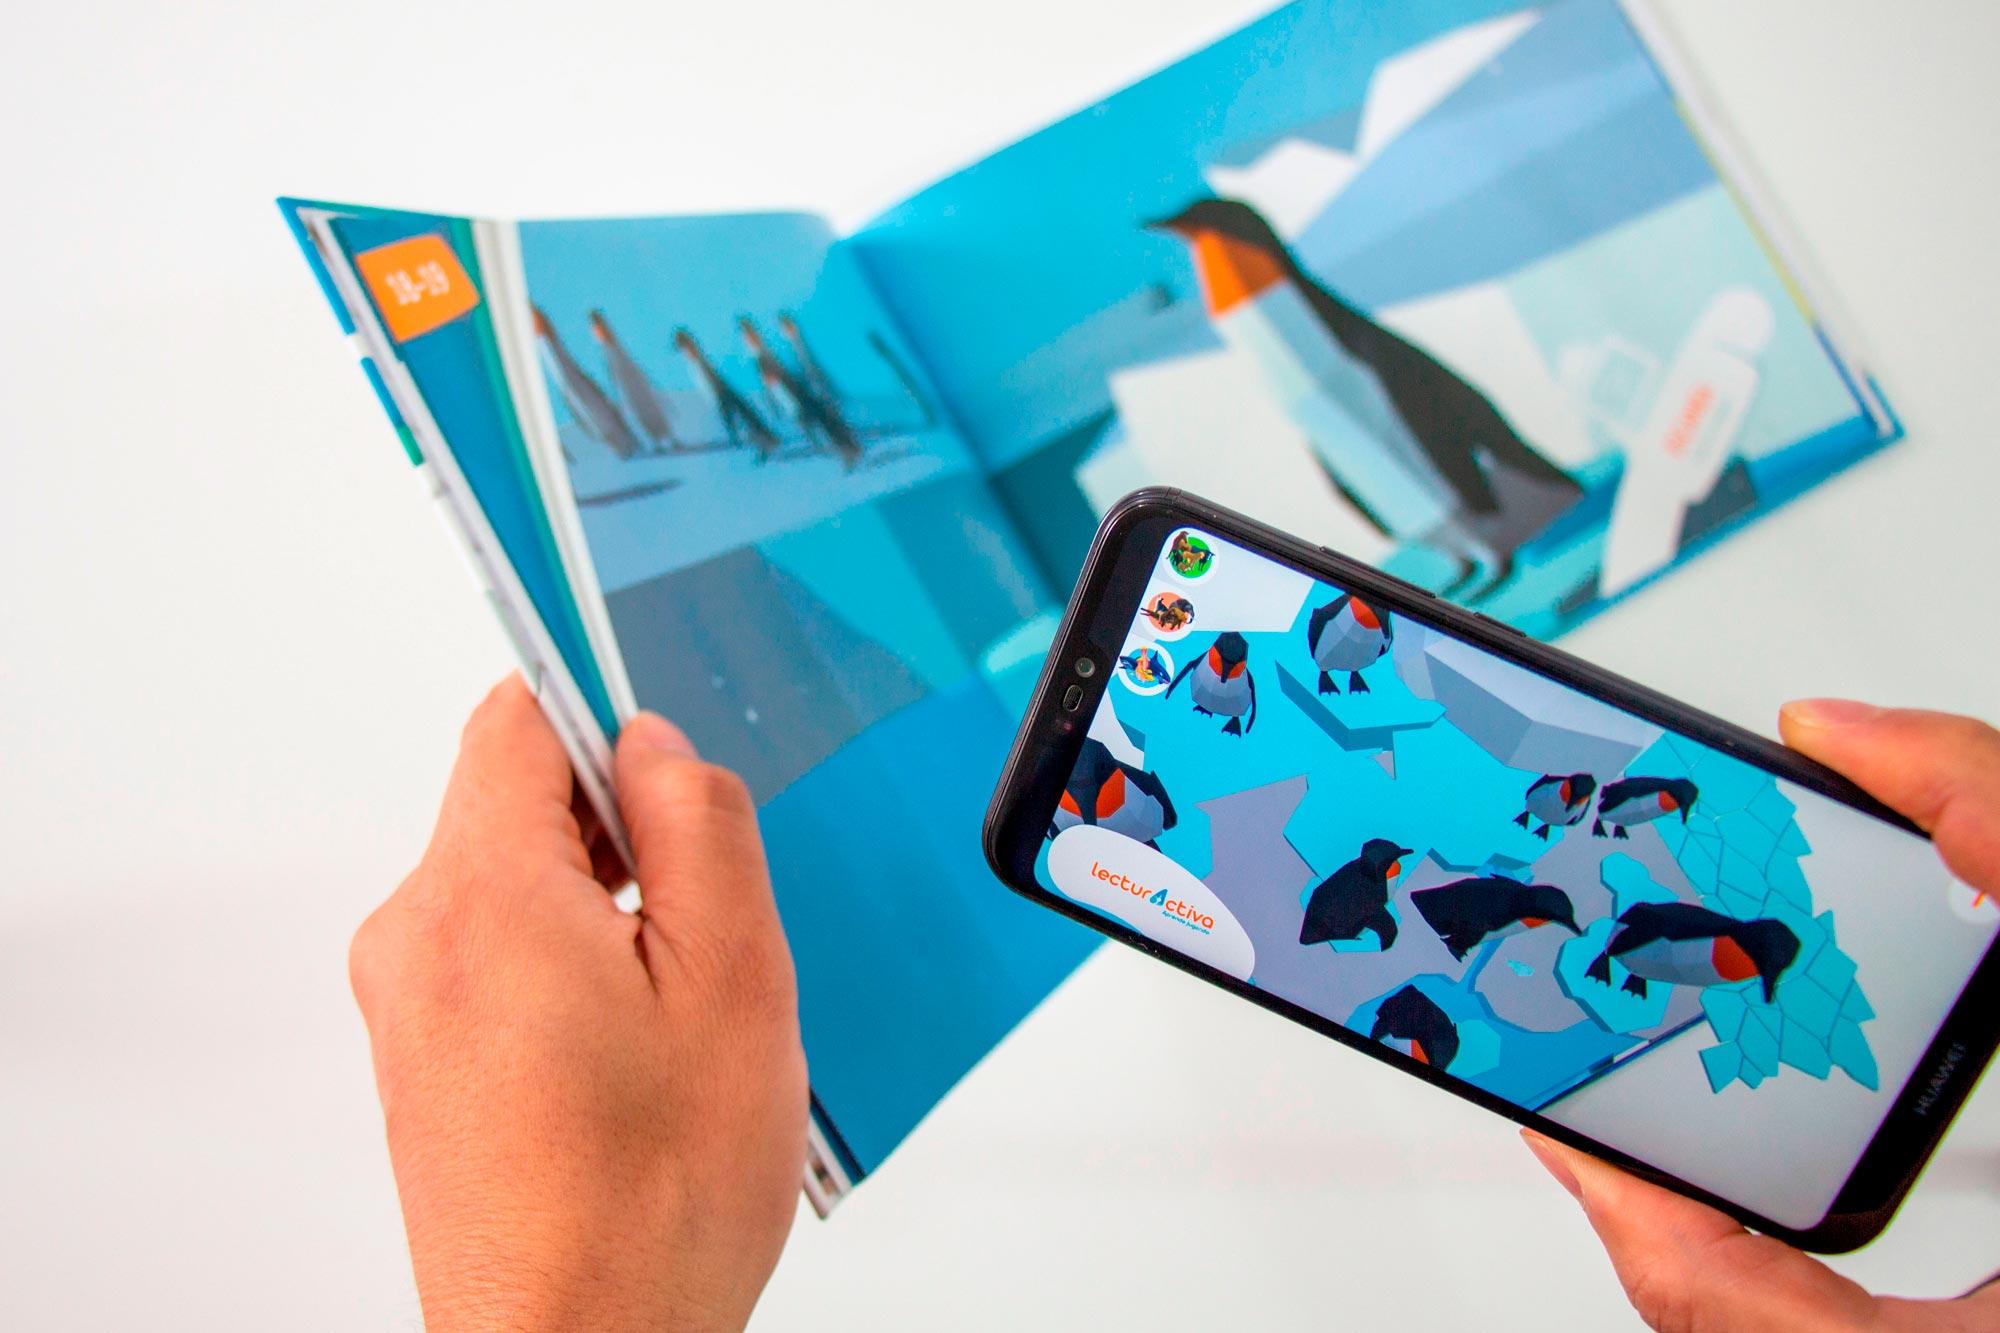 libros-interactivos-bilingues-para-niños-y-jovenes-0035